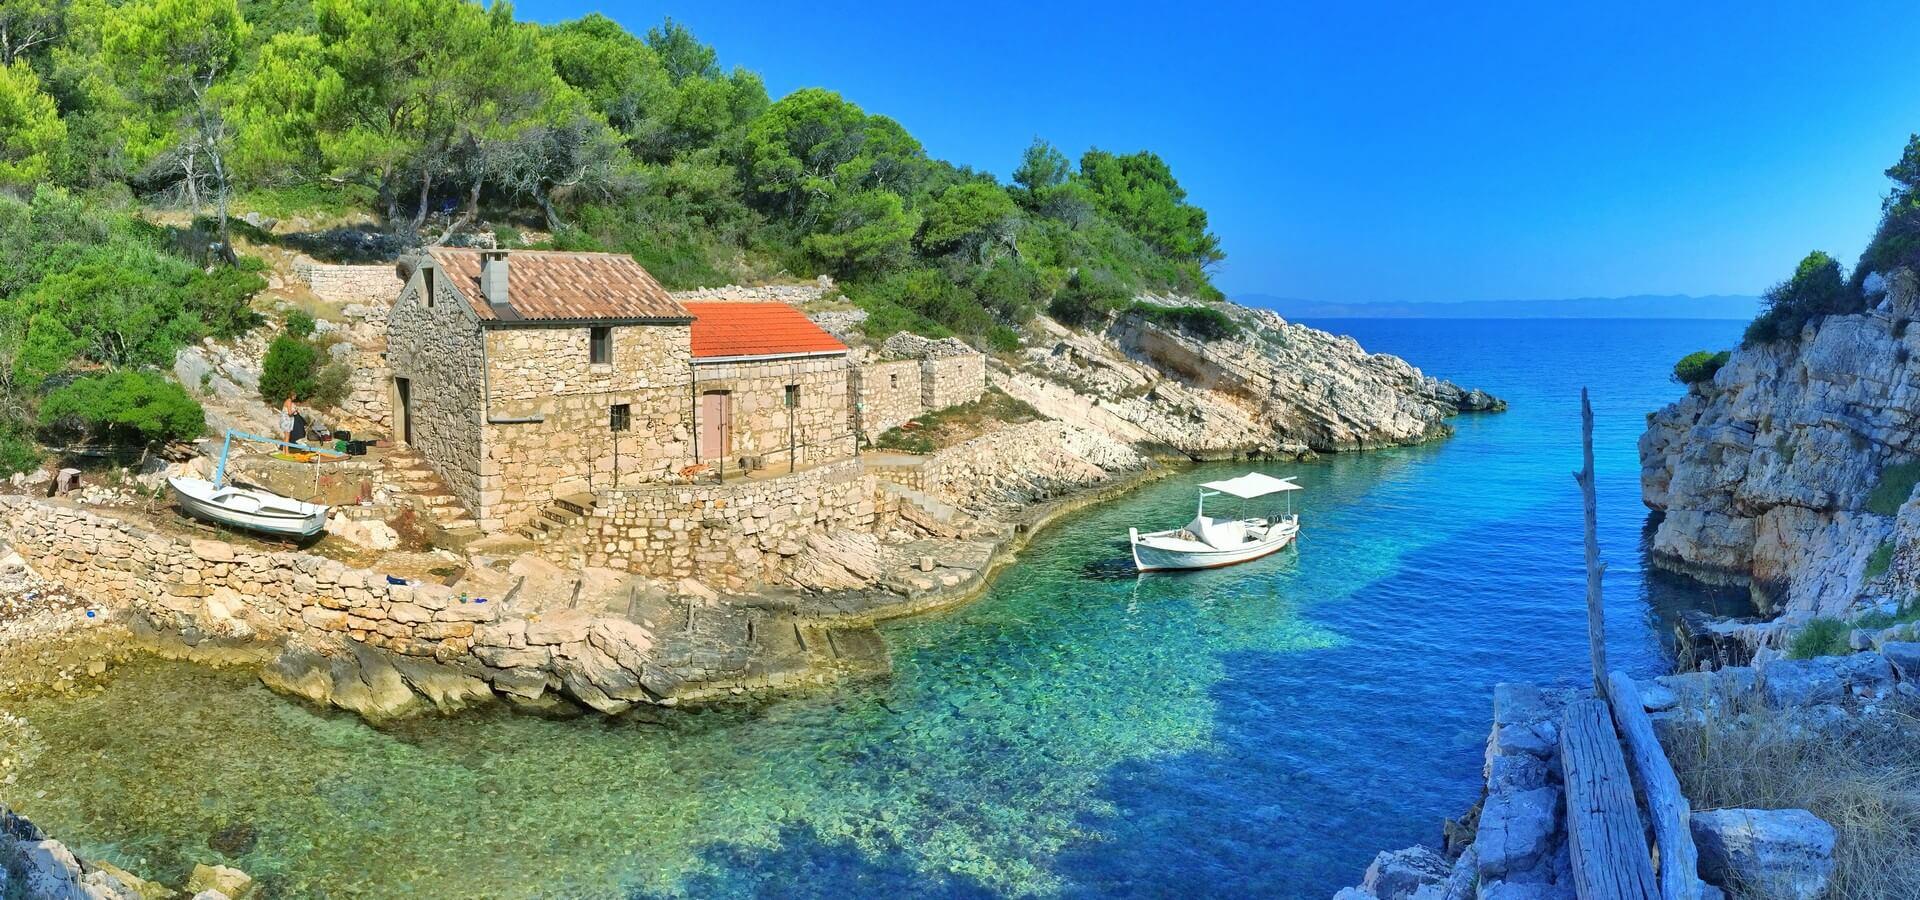 Kje na Hrvaškem lahko kupite hišo za 1 kuno?